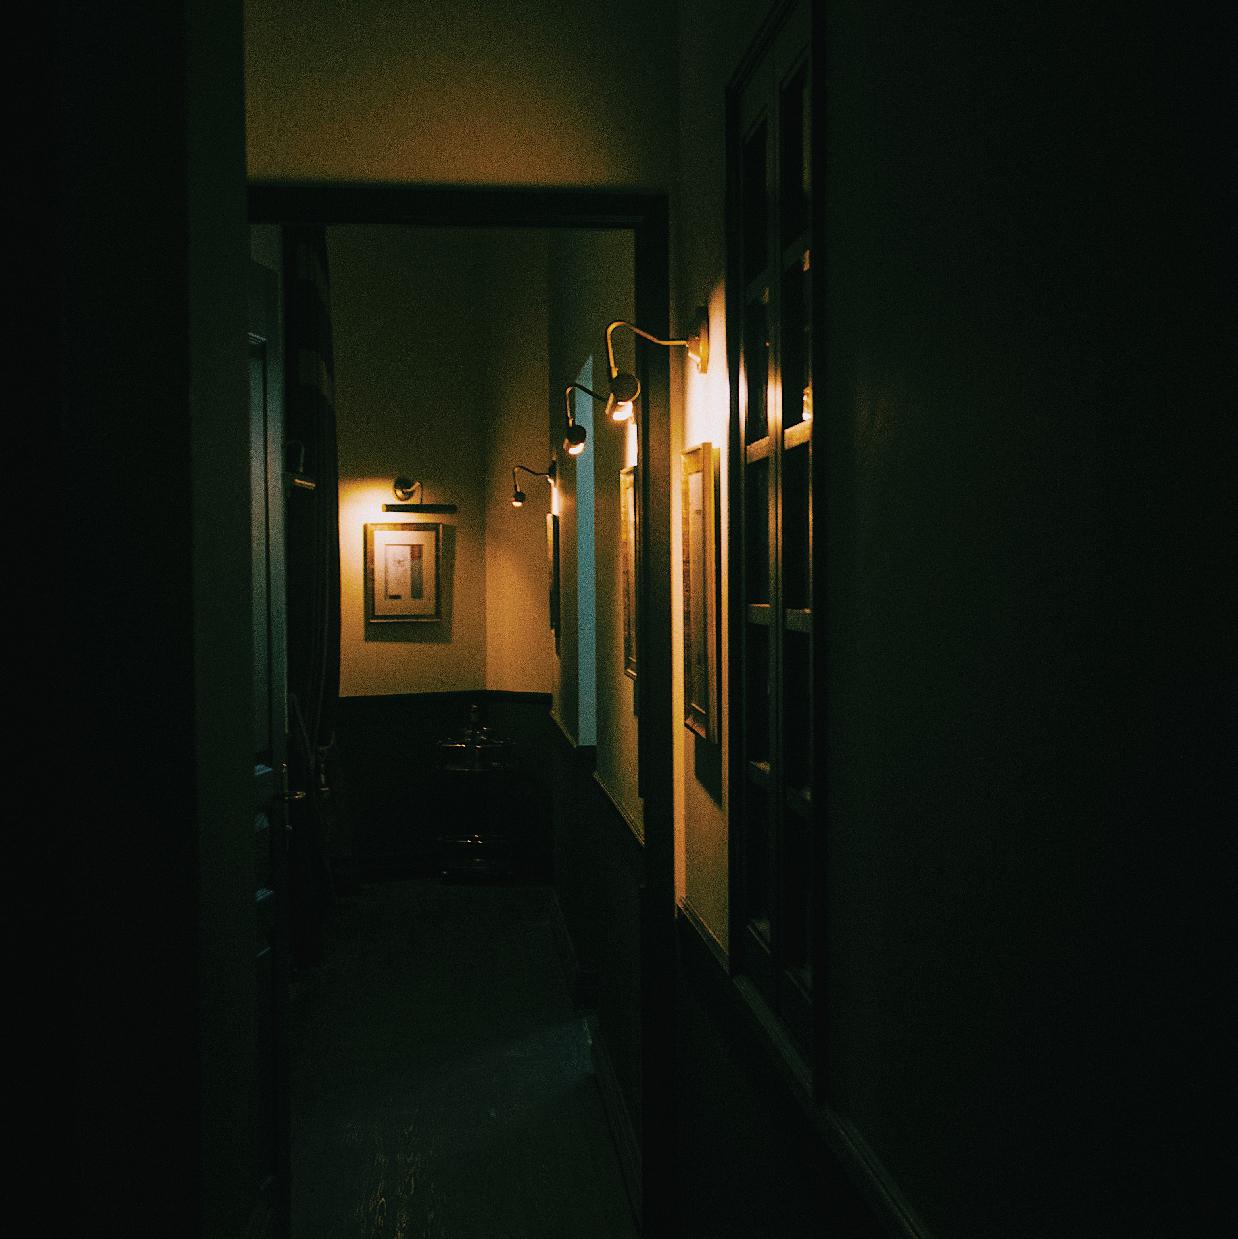 Hauntu | Mystery in a Hotel